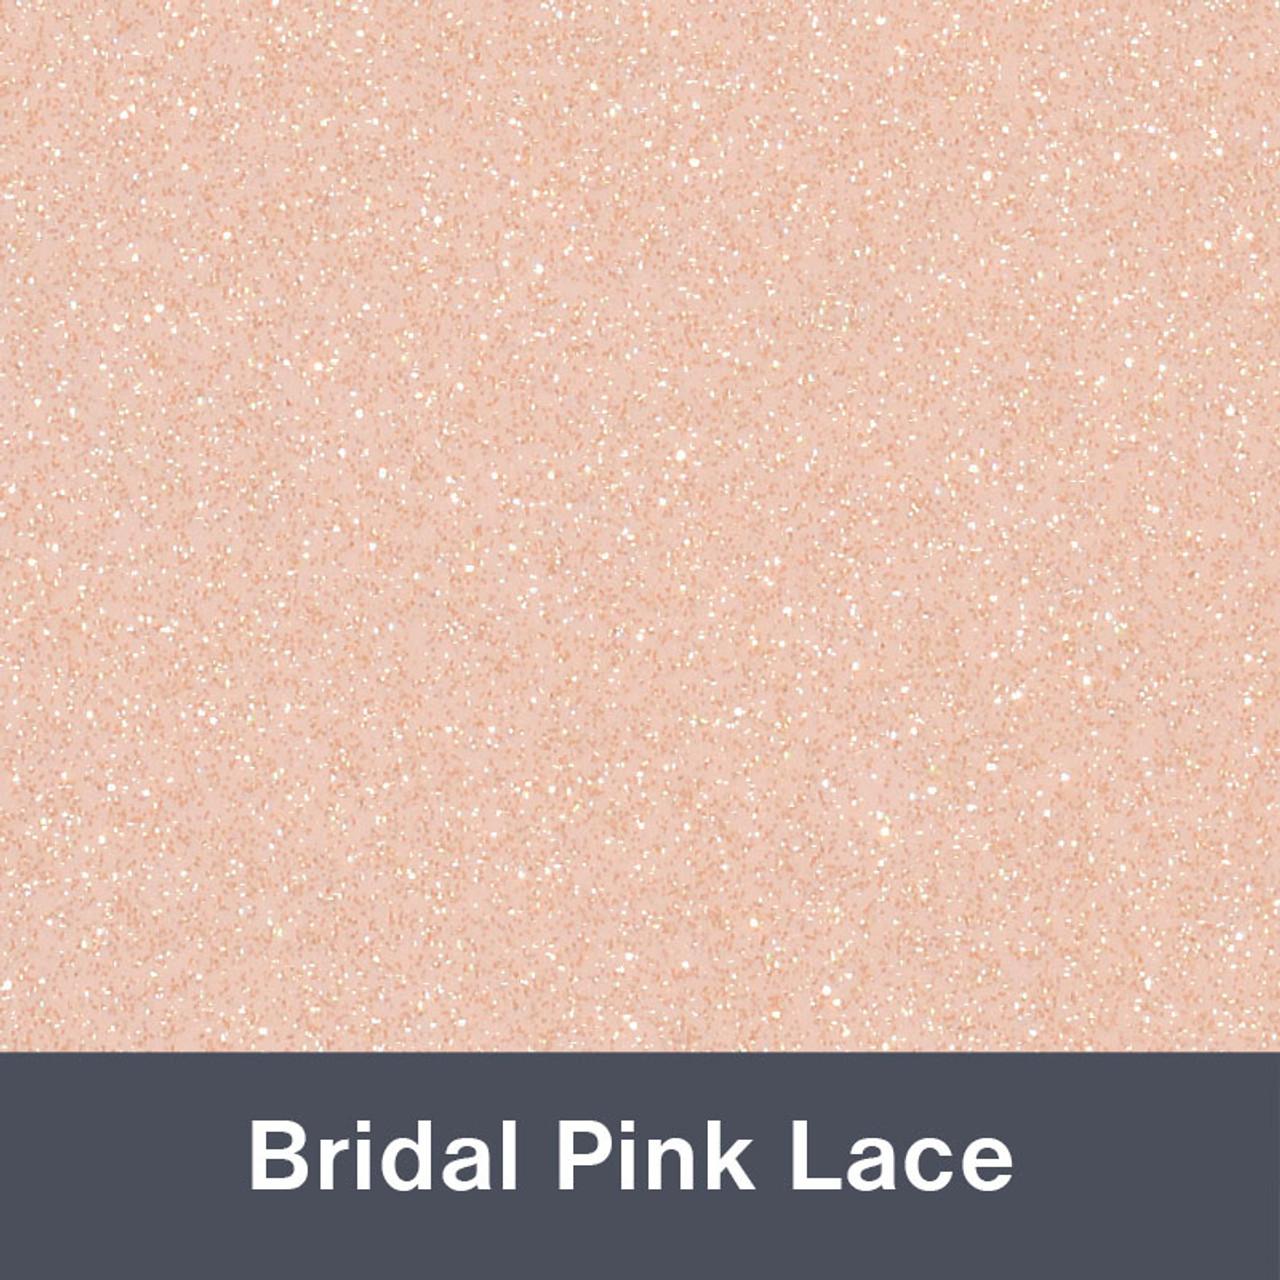 851 Bridal Pink Lace Sparkle